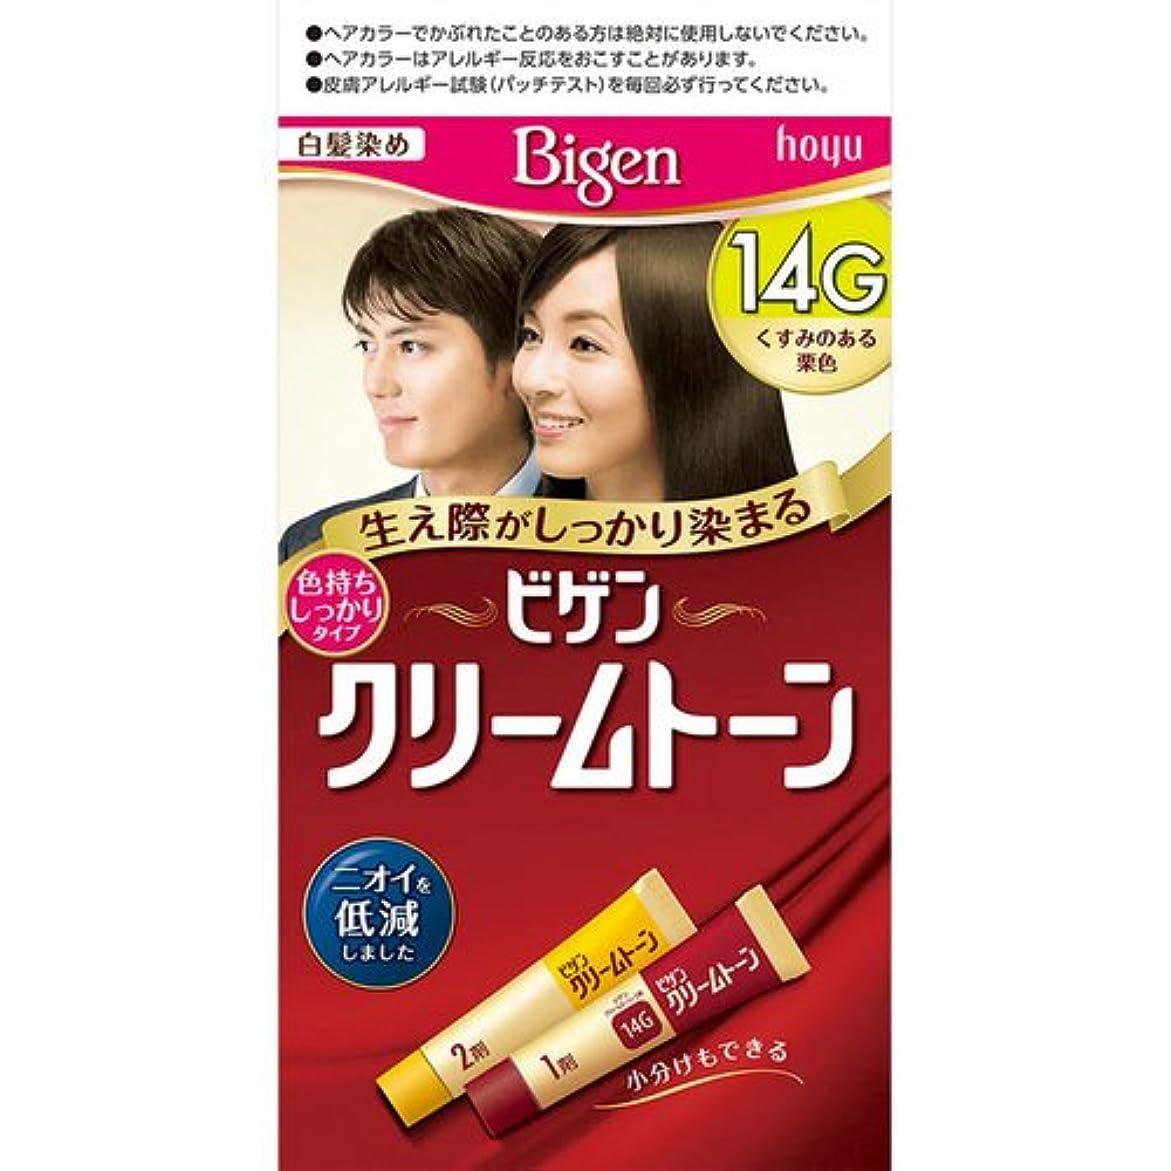 塗抹慎重にくすぐったいビゲン クリームトーン 14G くすみのある栗色 40g+40g[医薬部外品]